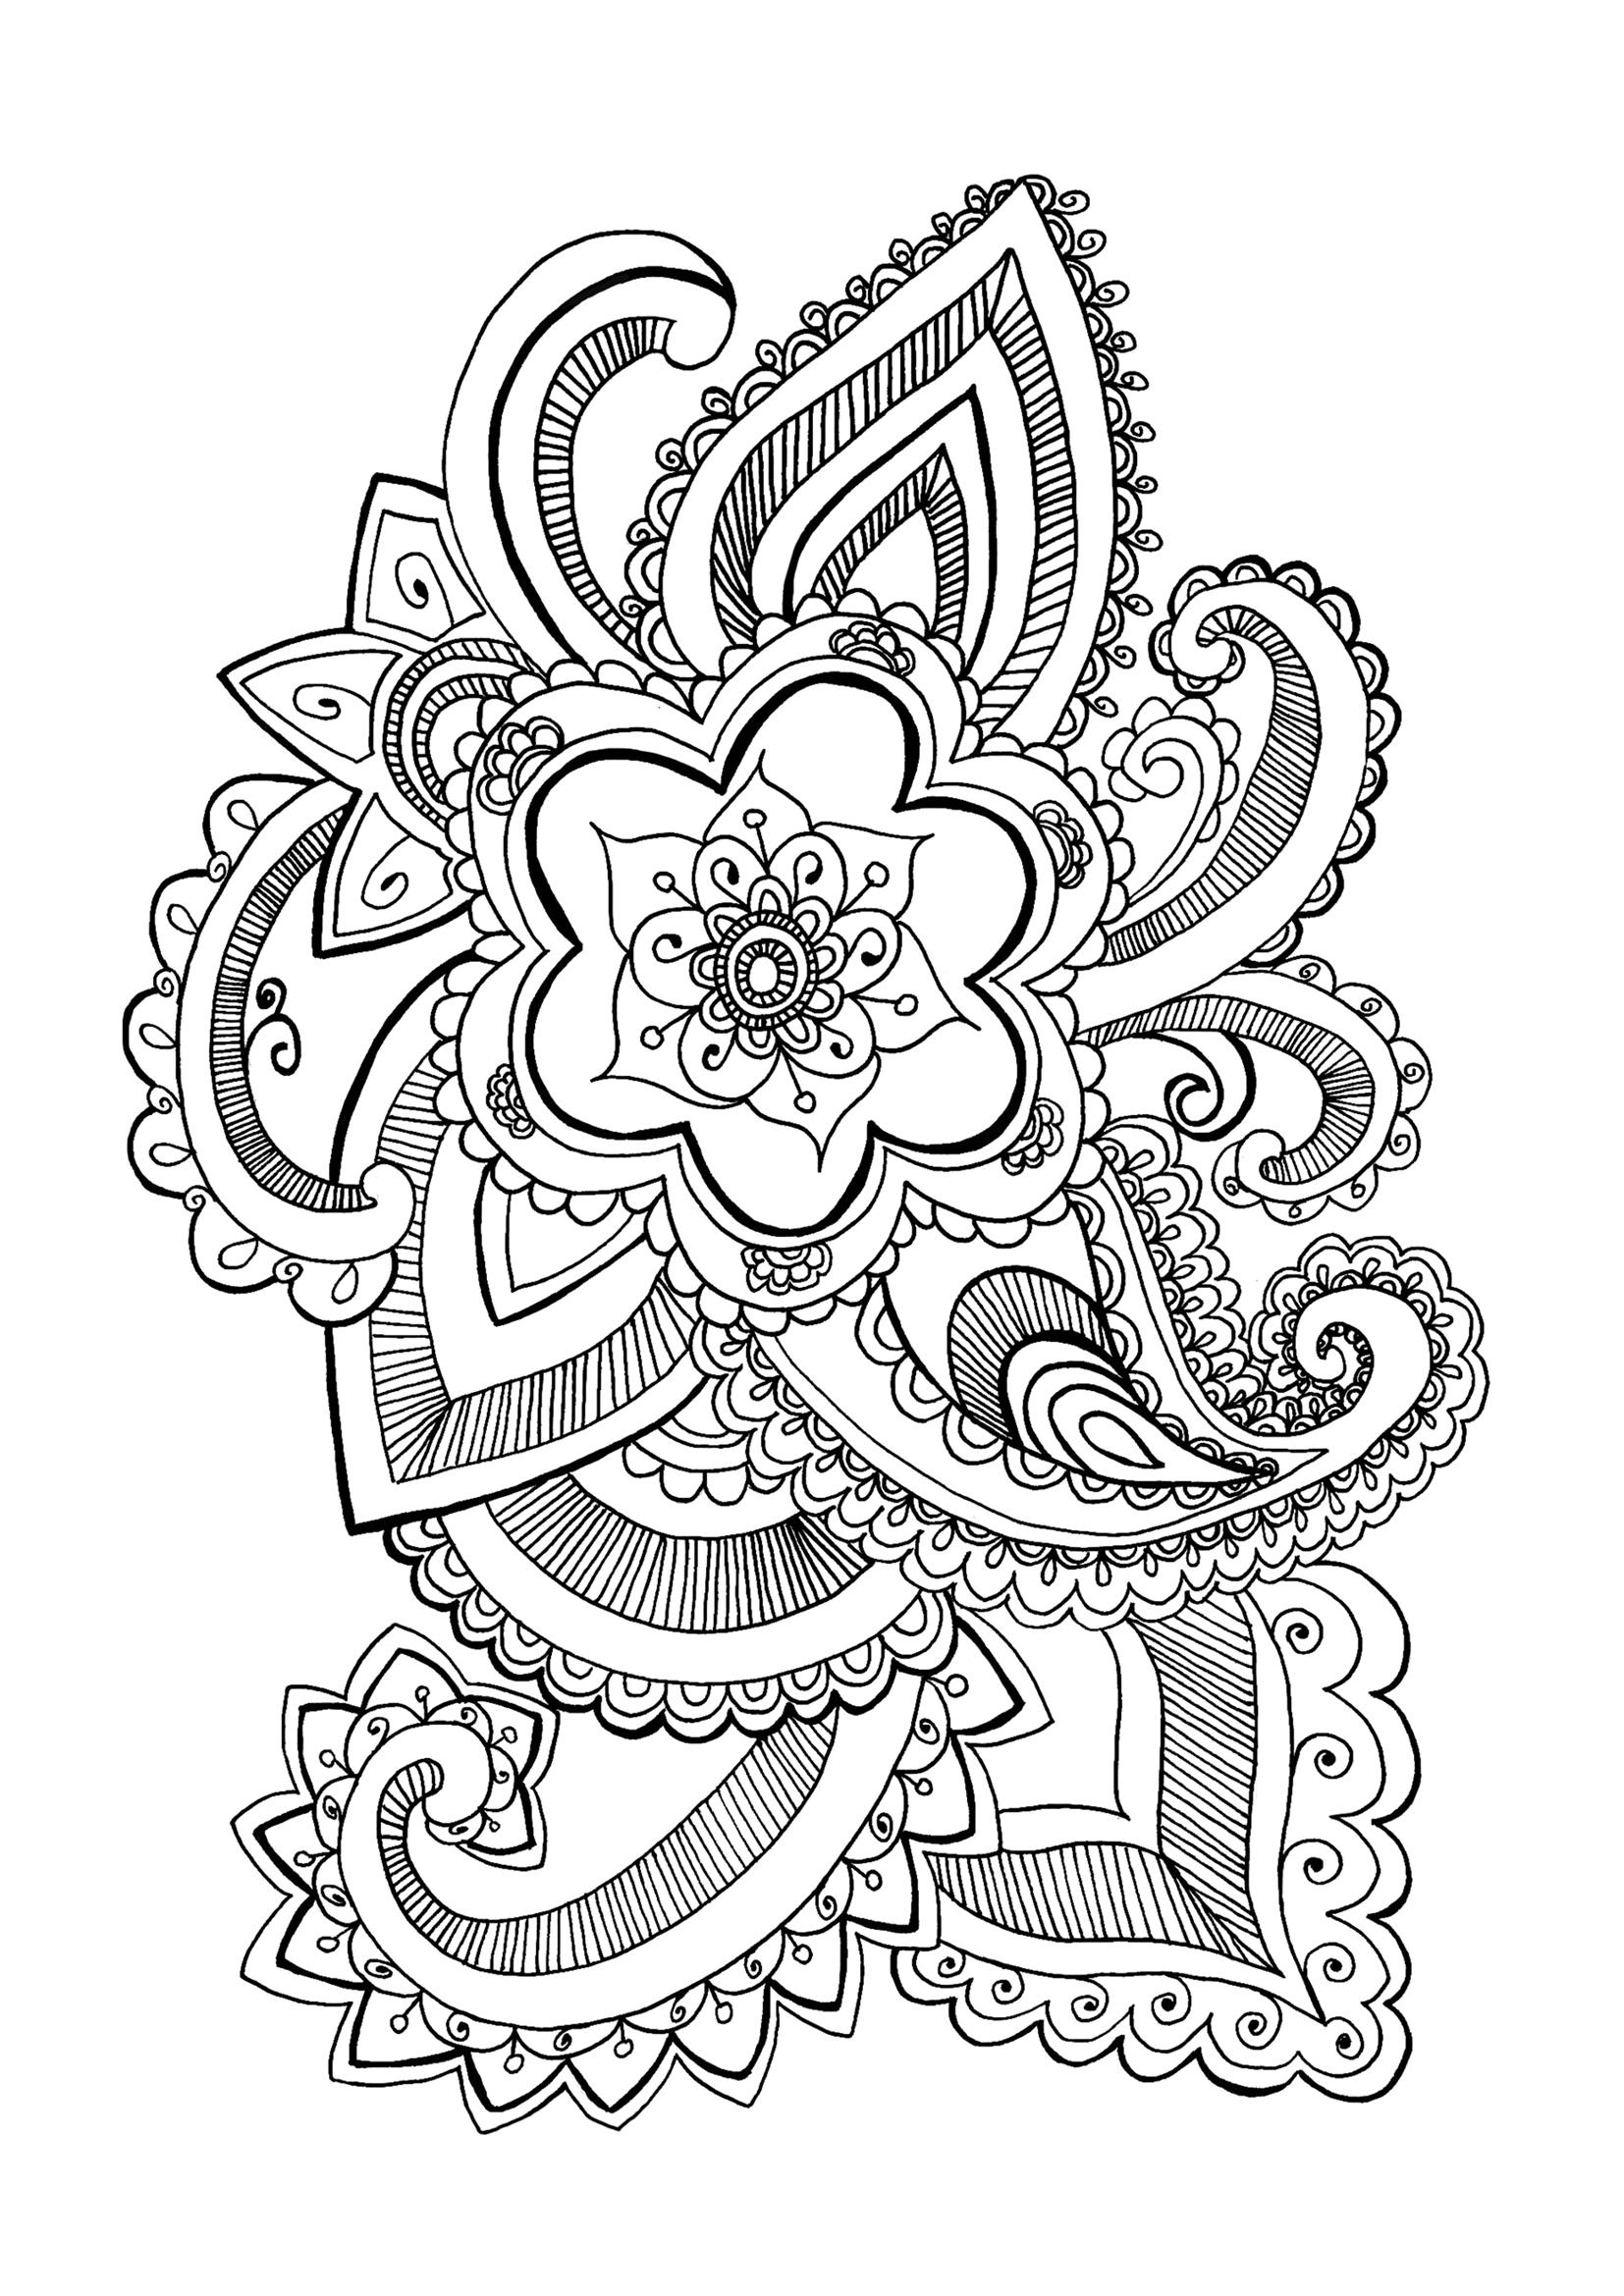 Flores y vegetacion 24246 flores y vegetaci n colorear para adultos - Dibujos originales para pintar ...